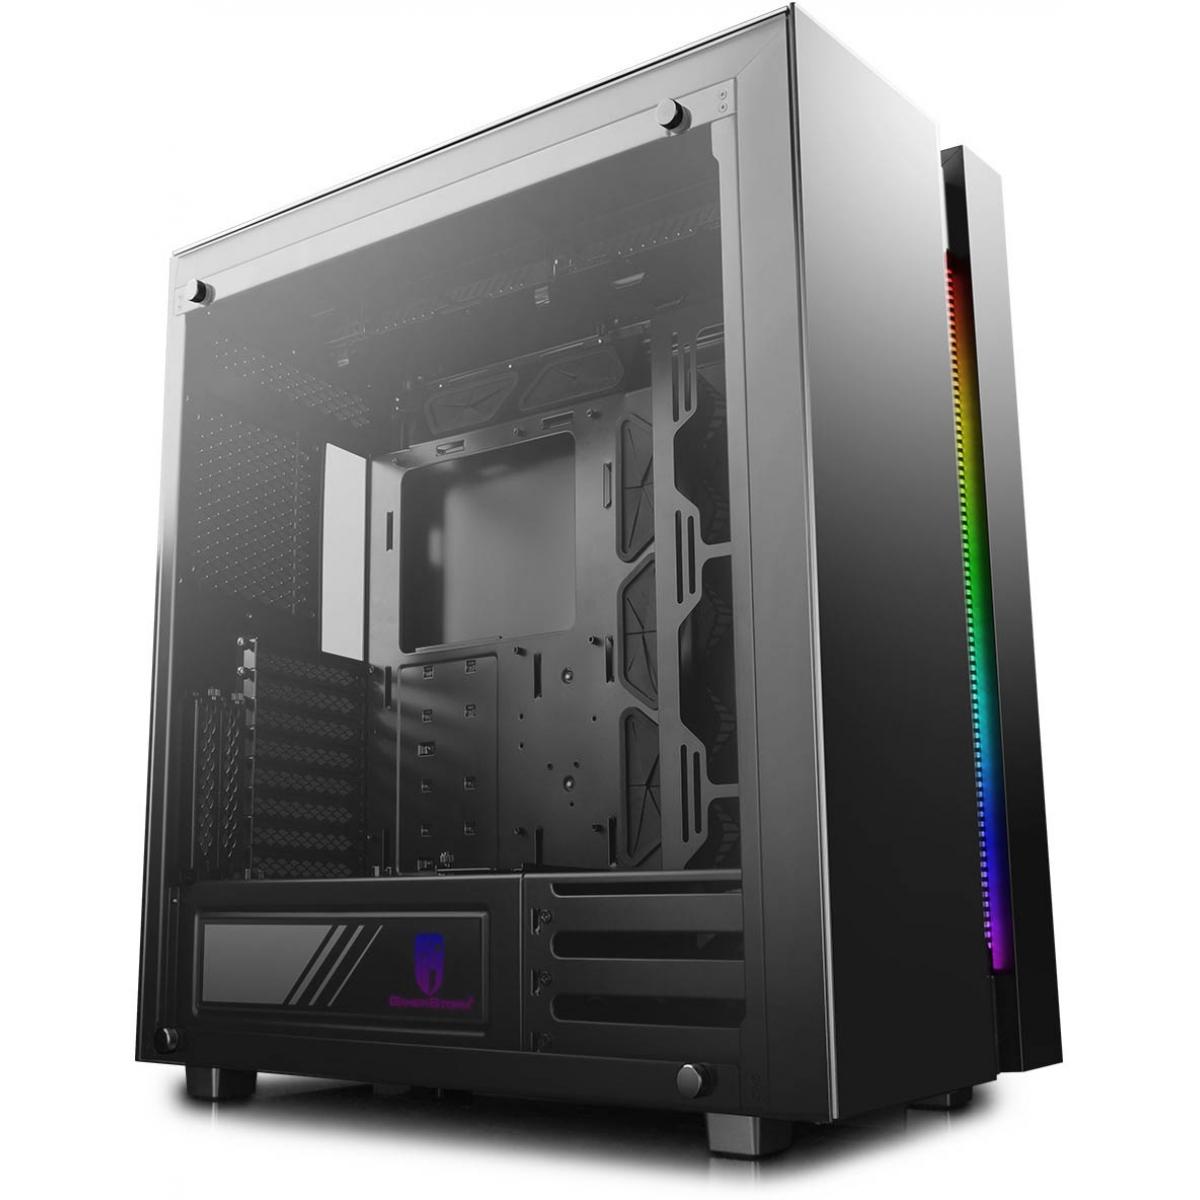 Gabinete Gamer DeepCool New Ark 90SE RGB, Mid Tower, Vidro Temperado, Black, DP-ATX-NARK90SE, Sem Fonte, Sem Fan